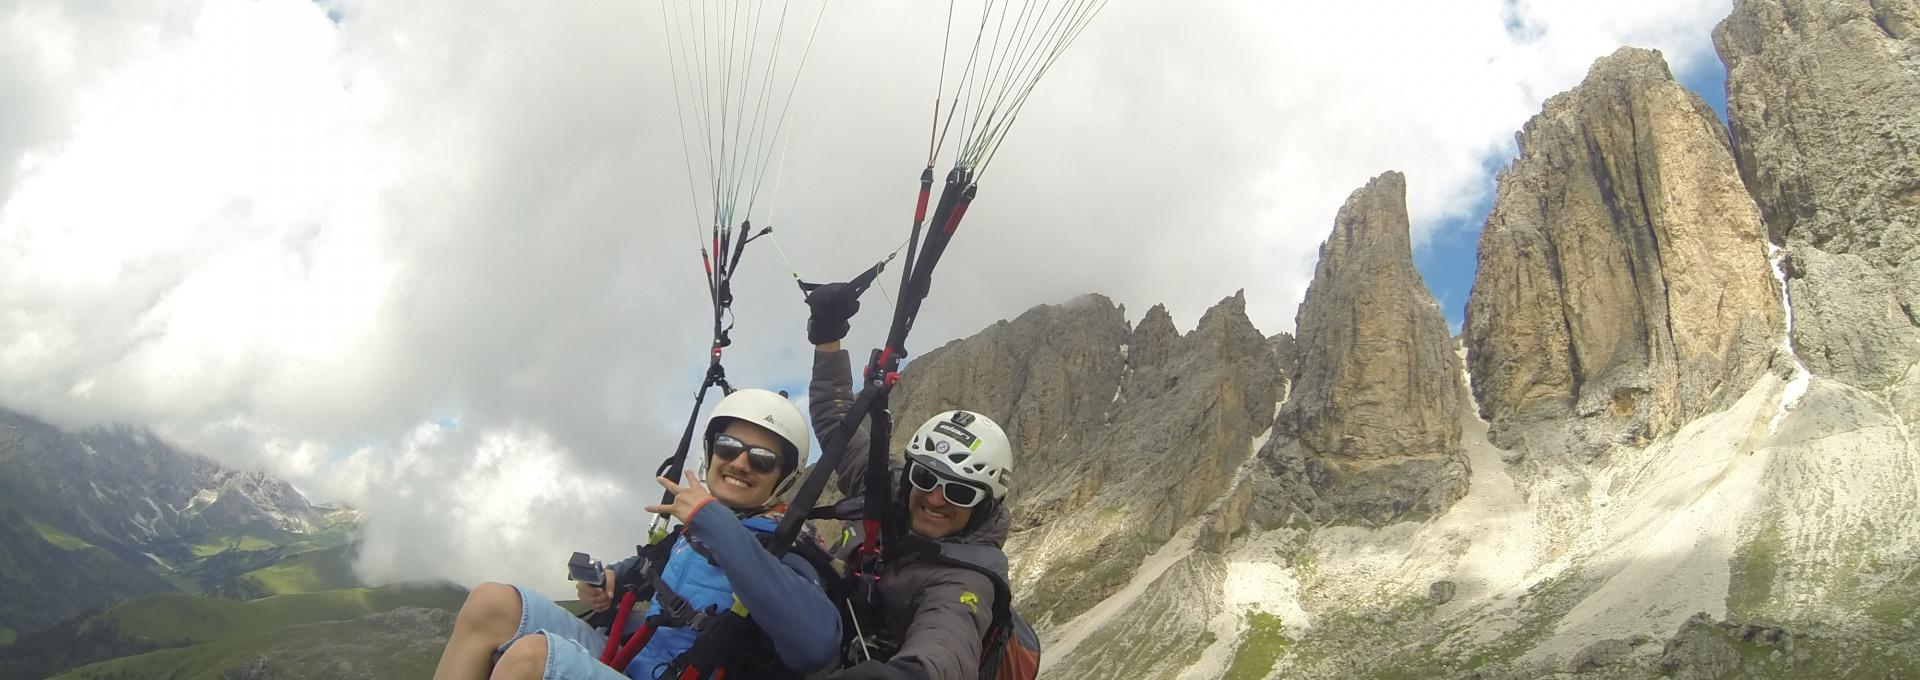 Tandemflights - Paragliding Tandem Val Gardena - Val Gardena